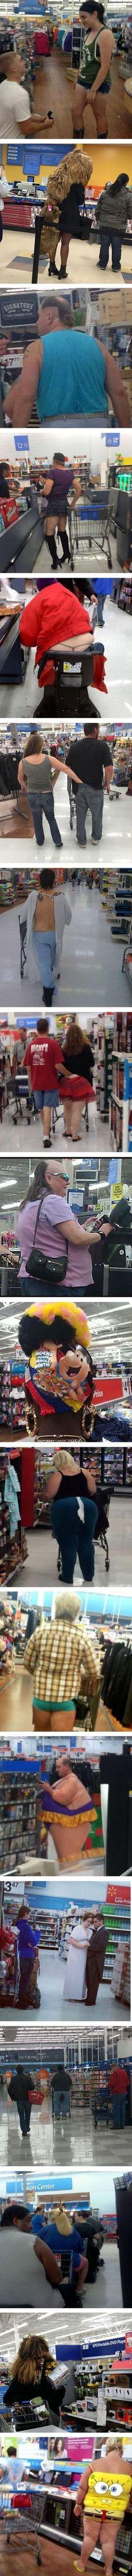 People of Walmart: WTF-Momente beim Einkaufen   Webfail - Fail Bilder und Fail Videos